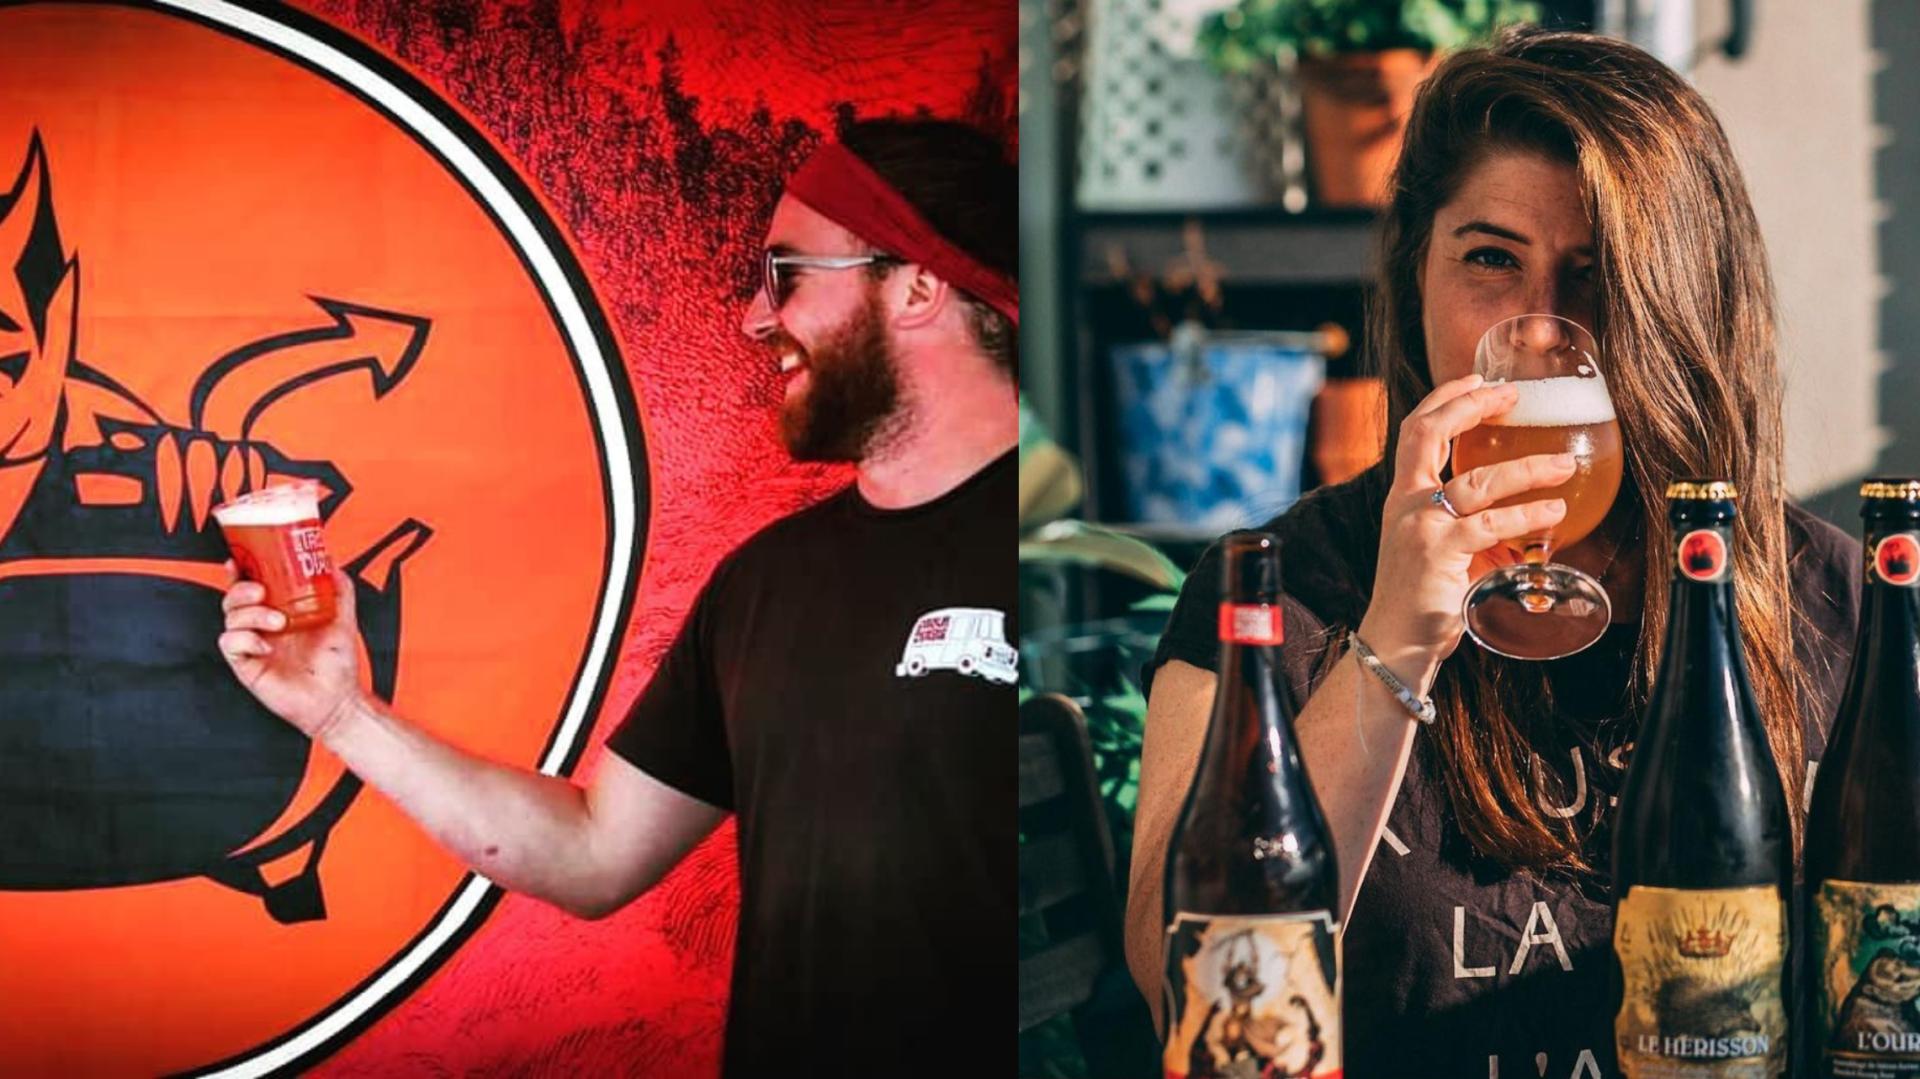 Le Trou du Diable vient de lancer deux nouvelles bières qui font fureur sur les réseaux sociaux!